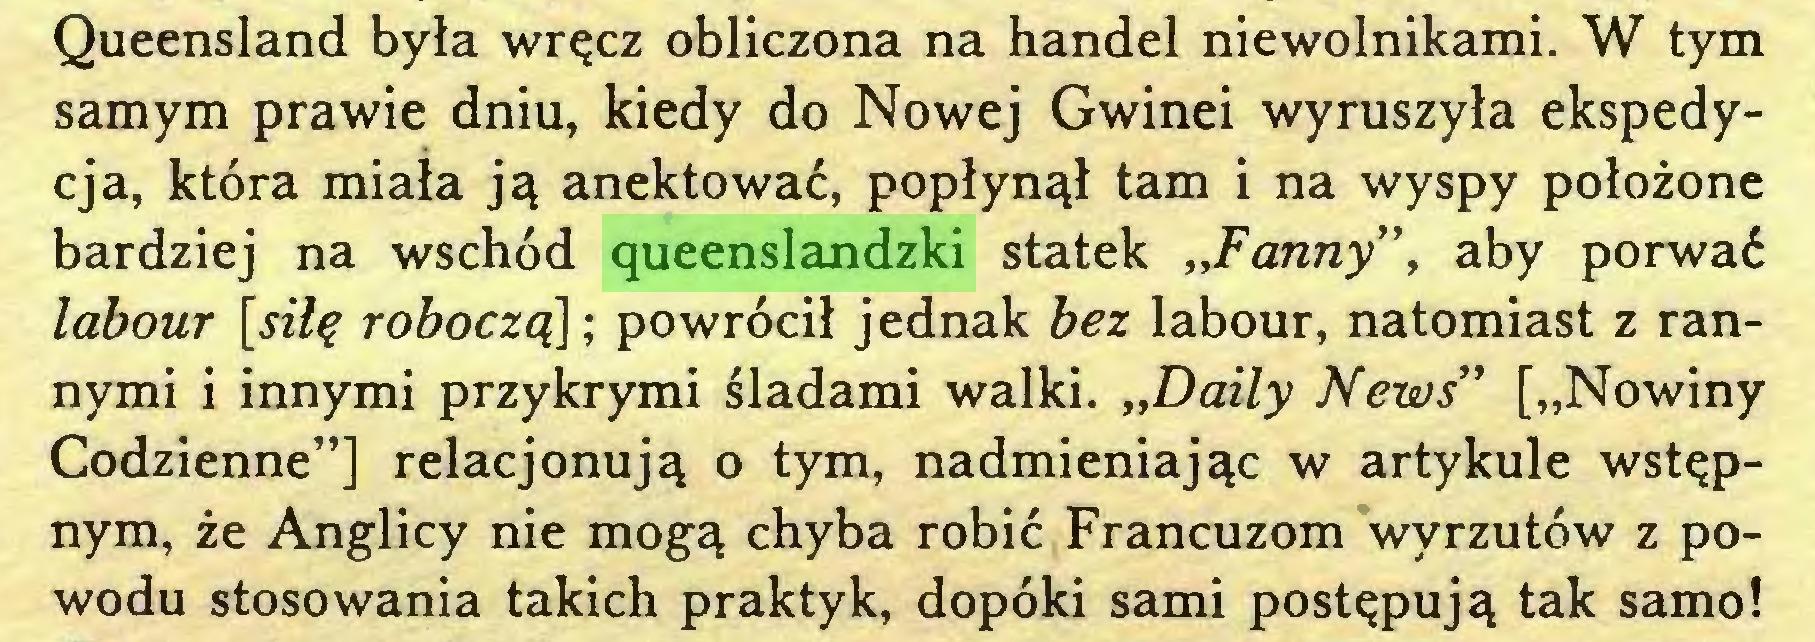 """(...) Queensland była wręcz obliczona na handel niewolnikami. W tym samym prawie dniu, kiedy do Nowej Gwinei wyruszyła ekspedycja, która miała ją anektować, popłynął tam i na wyspy położone bardziej na wschód queenslandzki statek """"Fanny"""", aby porwać labour [silę roboczą\; powrócił jednak bez labour, natomiast z rannymi i innymi przykrymi śladami walki. """"Daily News"""" [""""Nowiny Codzienne""""] relacjonują o tym, nadmieniając w artykule wstępnym, że Anglicy nie mogą chyba robić Francuzom wyrzutów z powodu stosowania takich praktyk, dopóki sami postępują tak samo!..."""